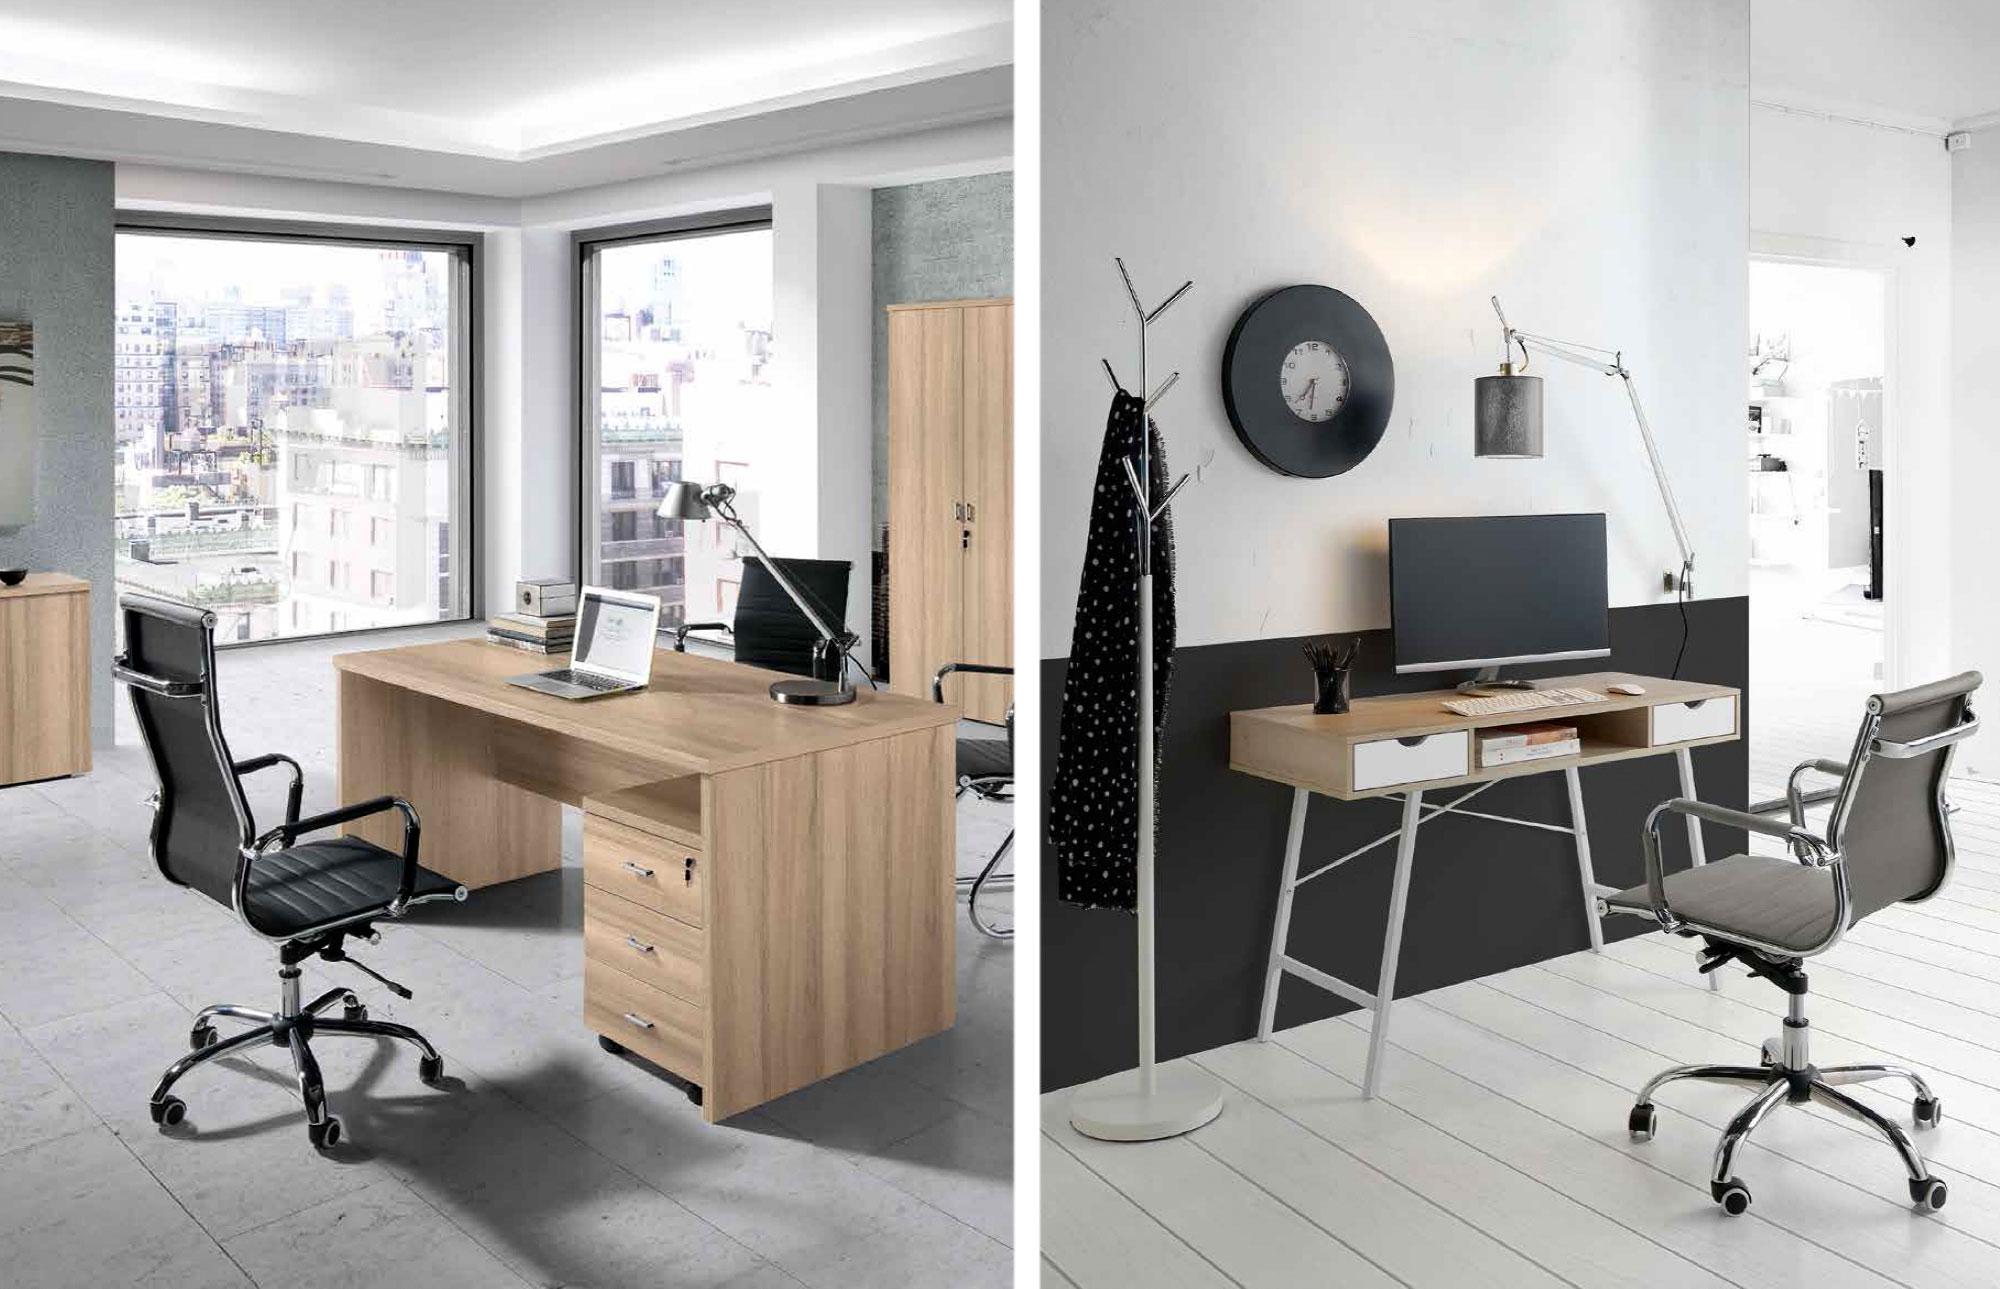 Sillas escritorio Muebles Toscana